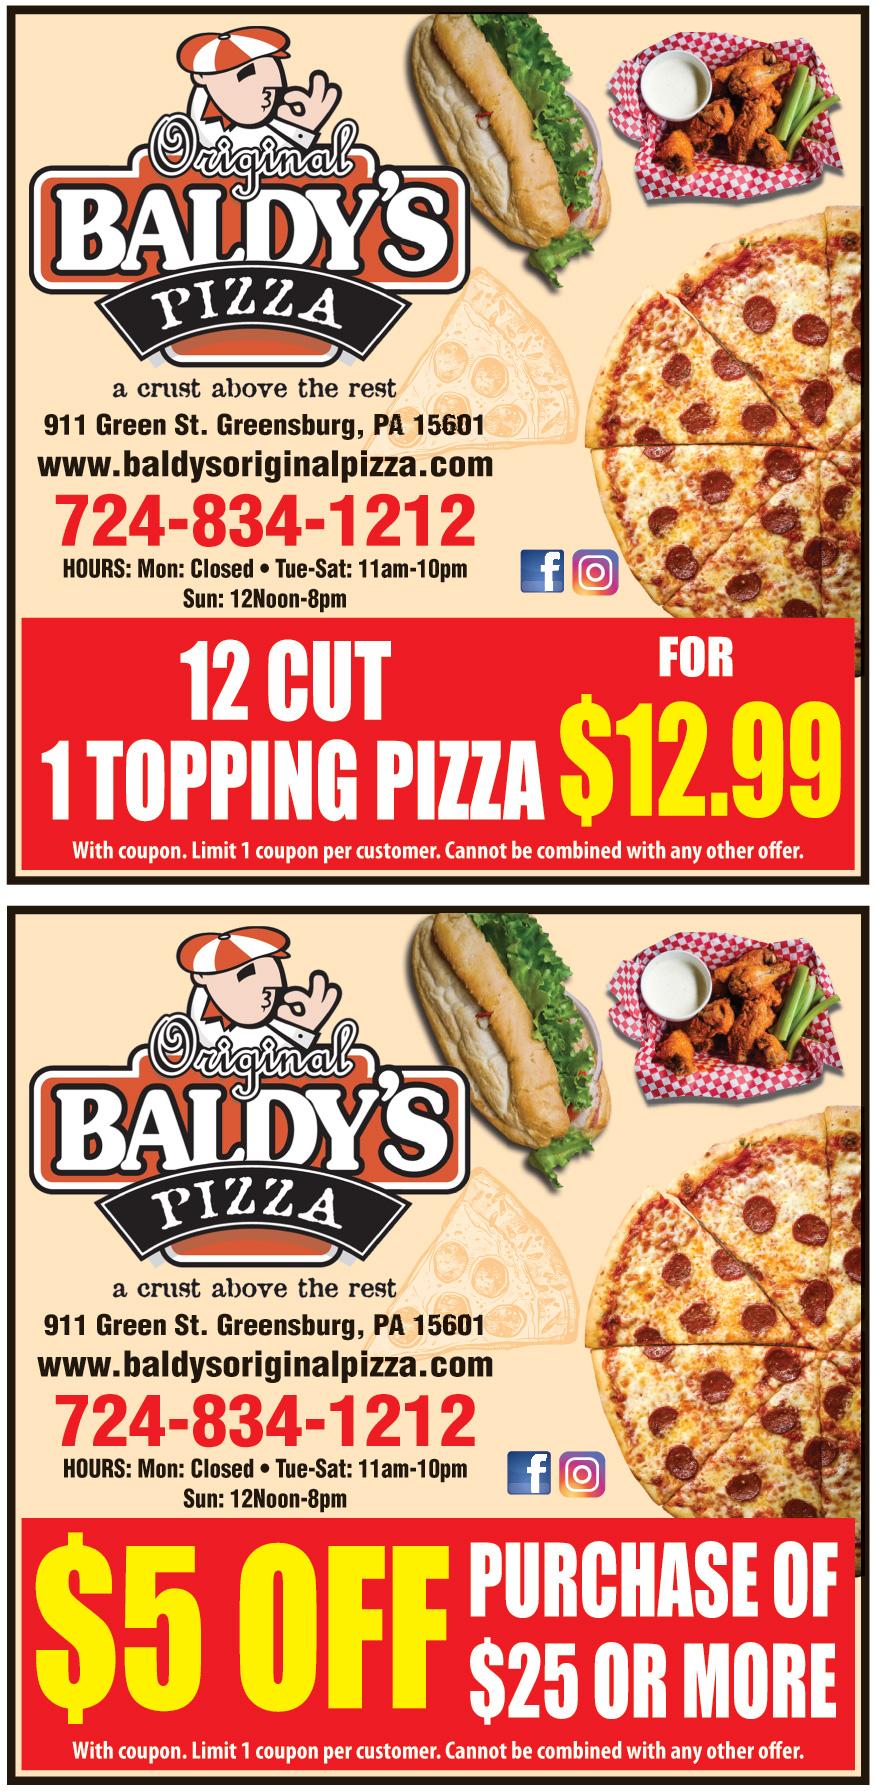 BALDYS PIZZA